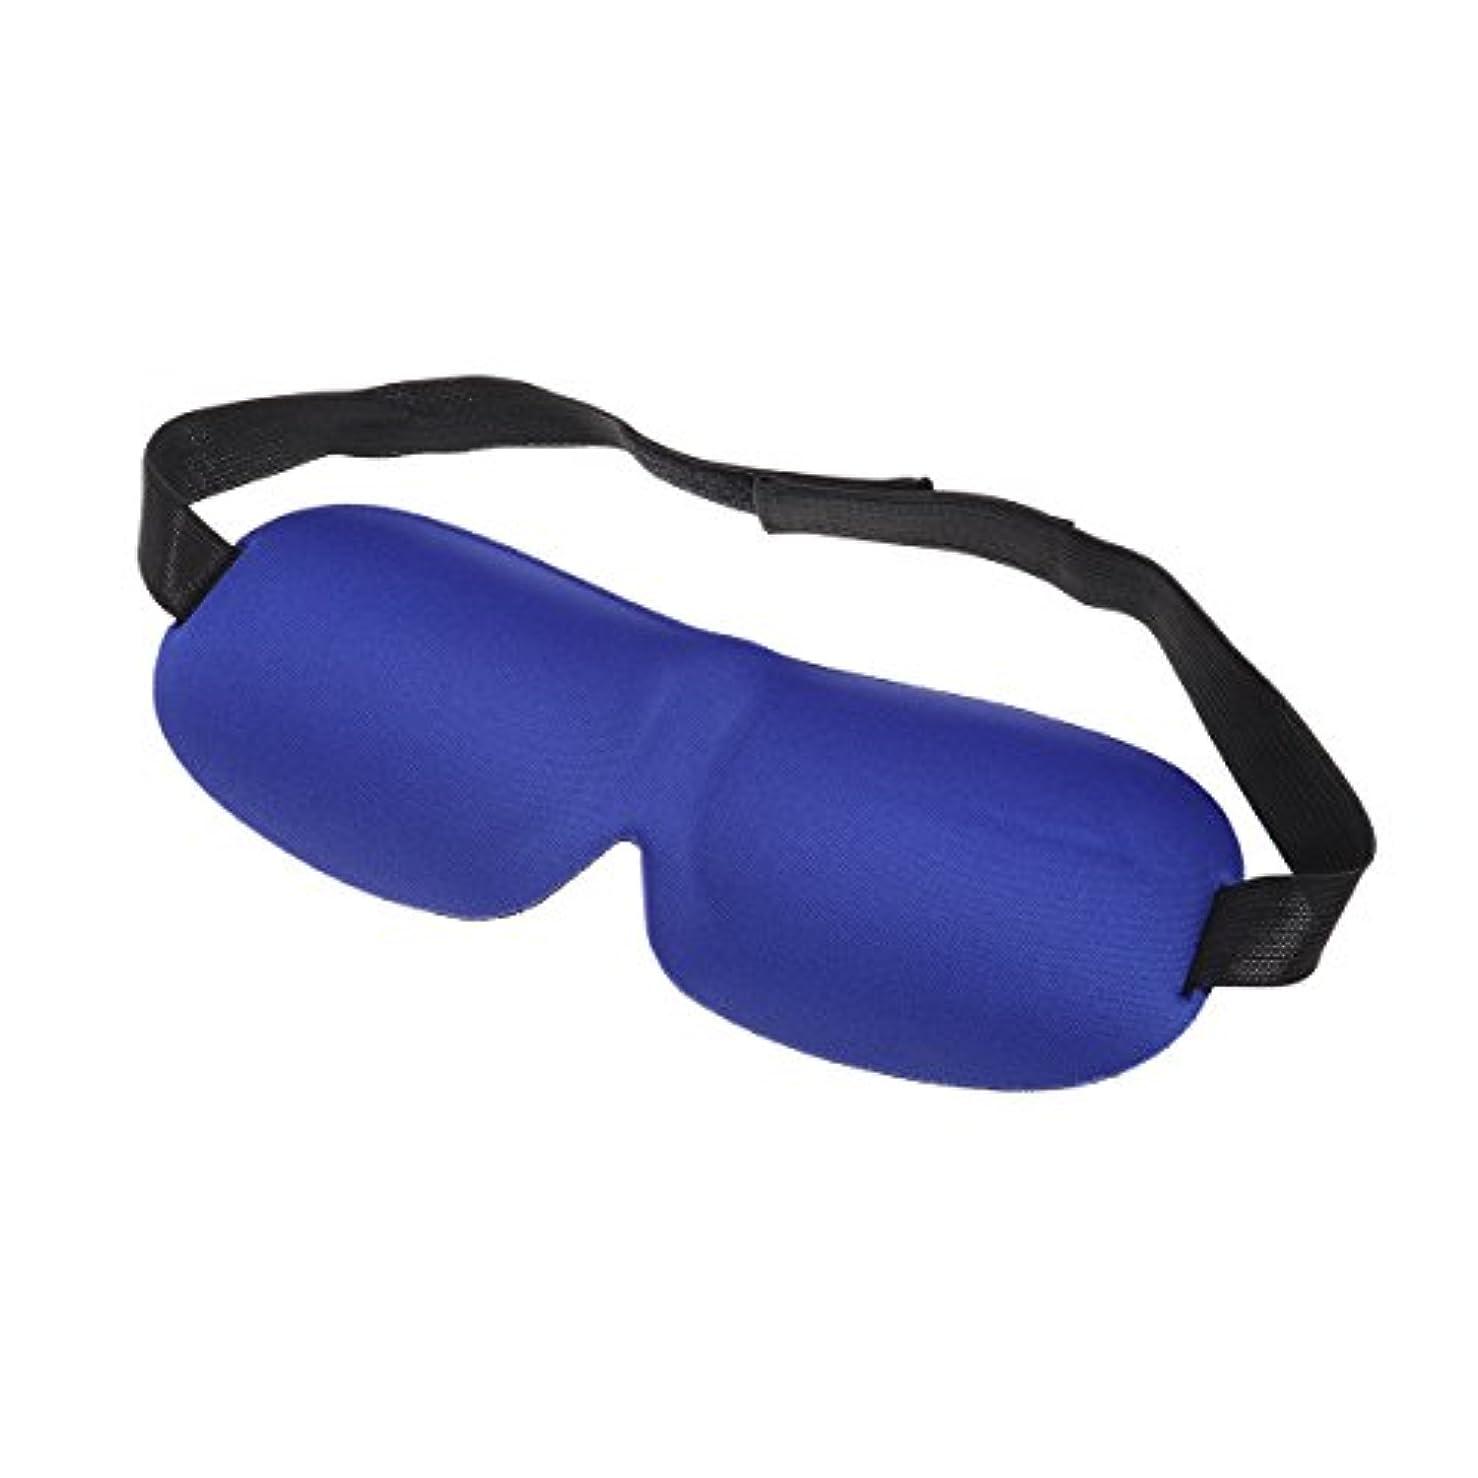 公式束プライバシーROSENICE アイマスク 遮光 睡眠 軽量 目隠し 圧迫感なし 調節可能 3D睡眠マスク(ブルー)